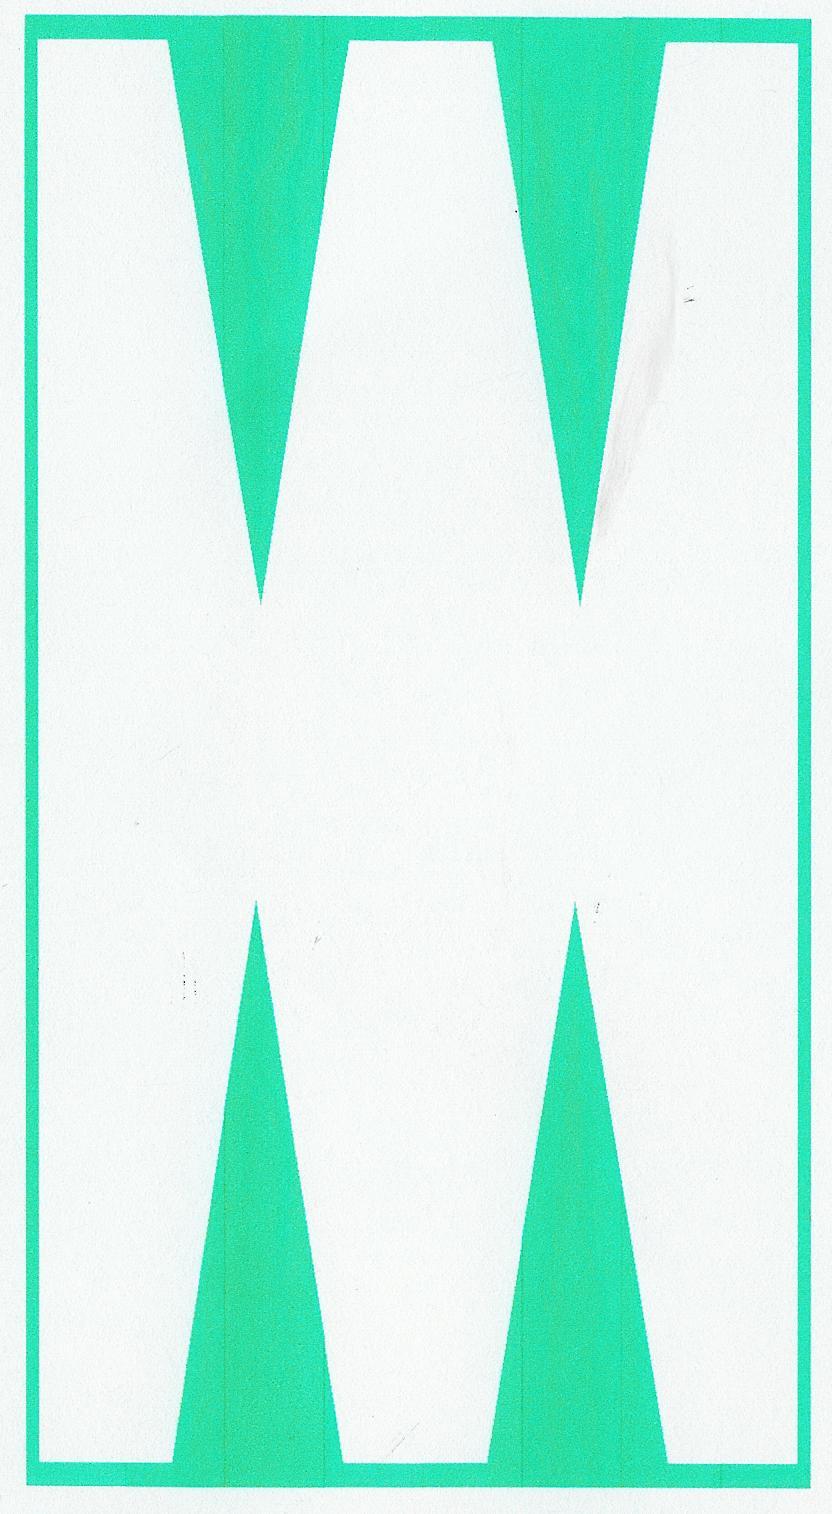 six-hole-template-300dpi_001_003.jpg